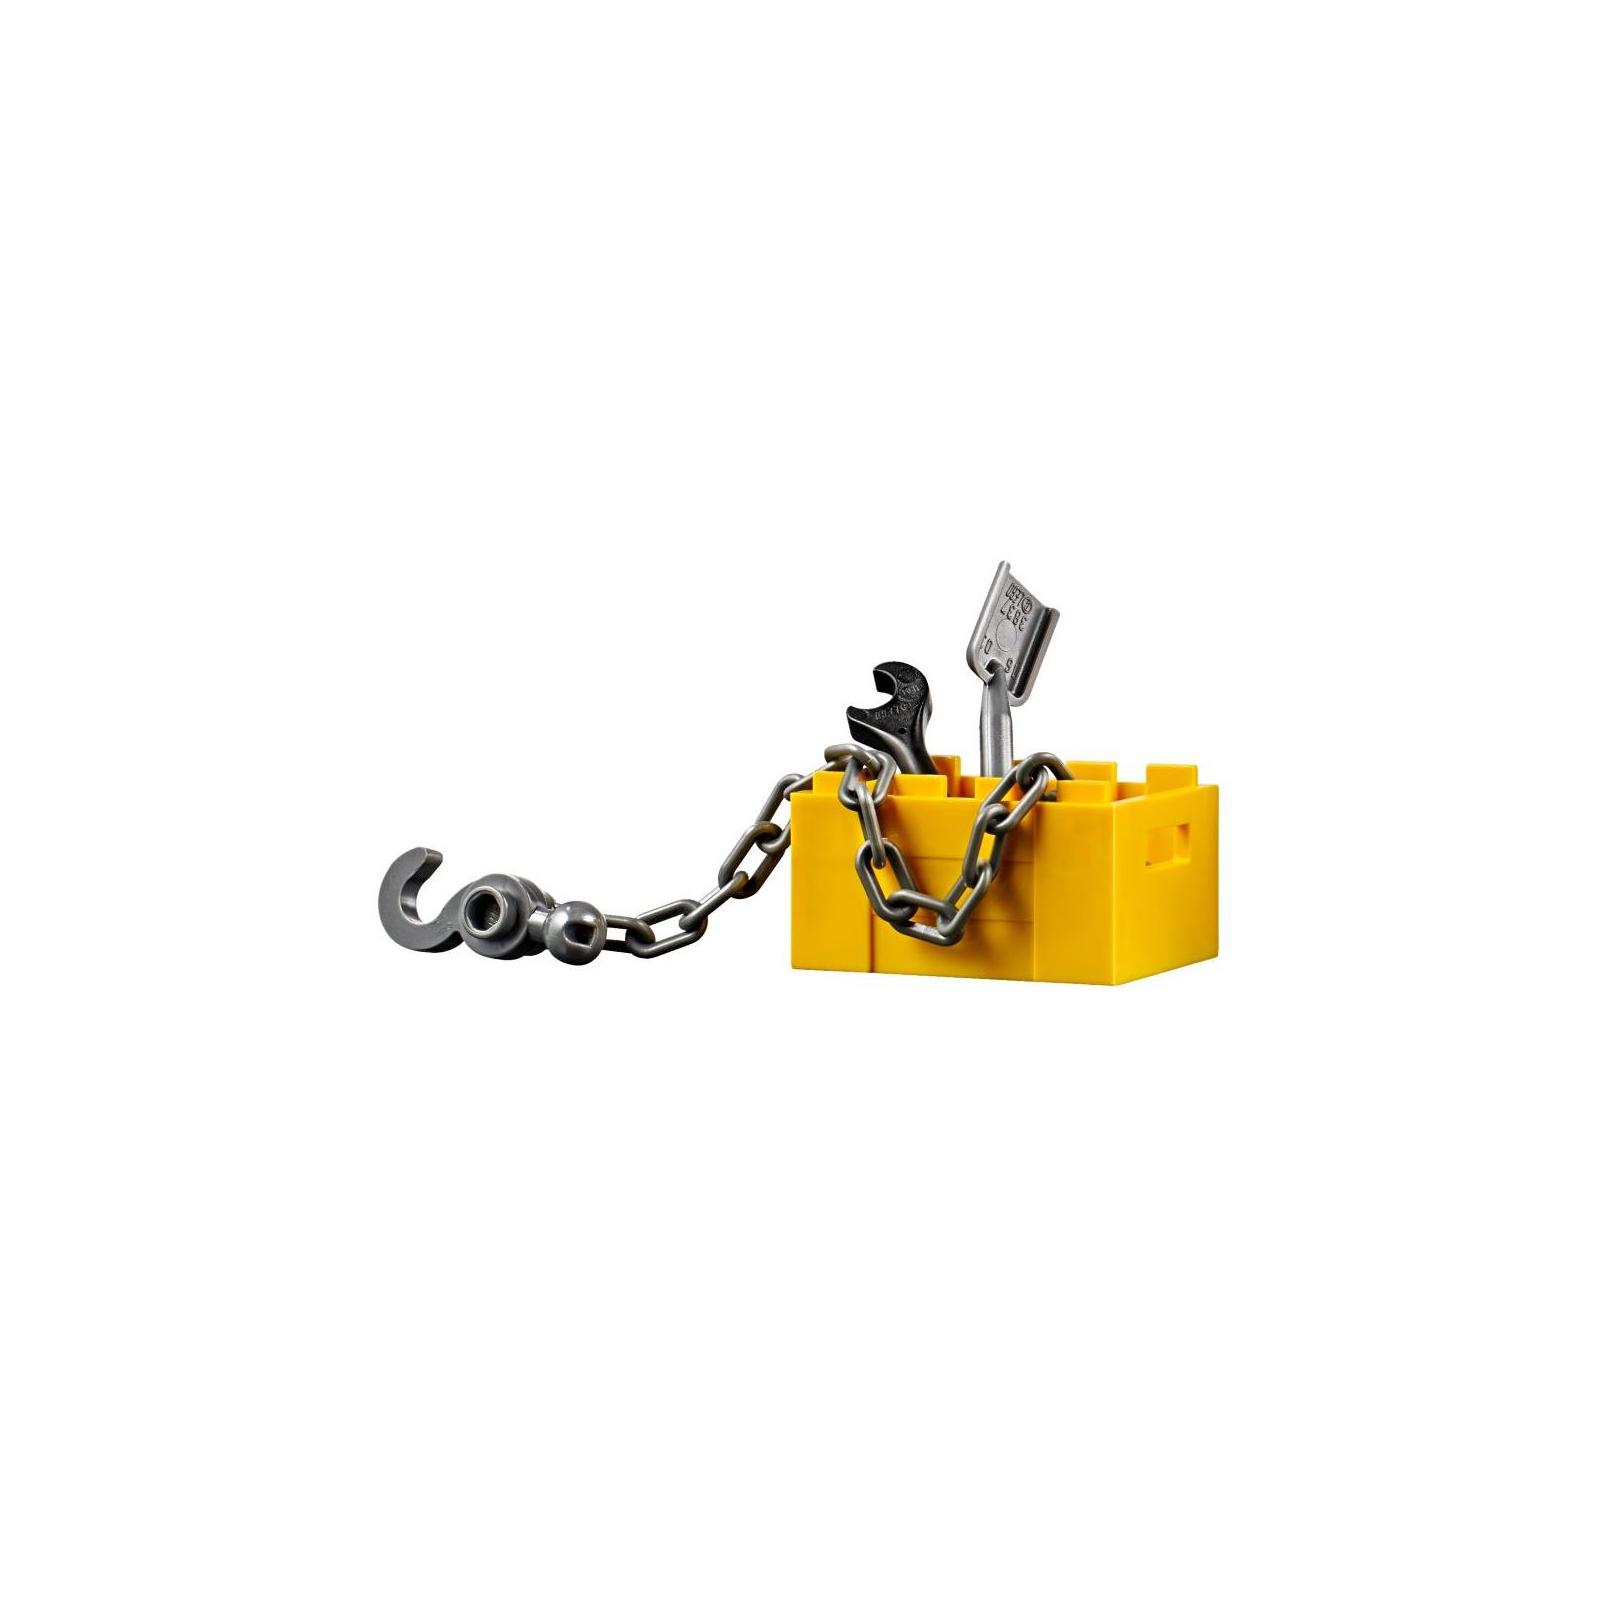 Конструктор LEGO City Перевозка тяжелых грузов (60183) изображение 8